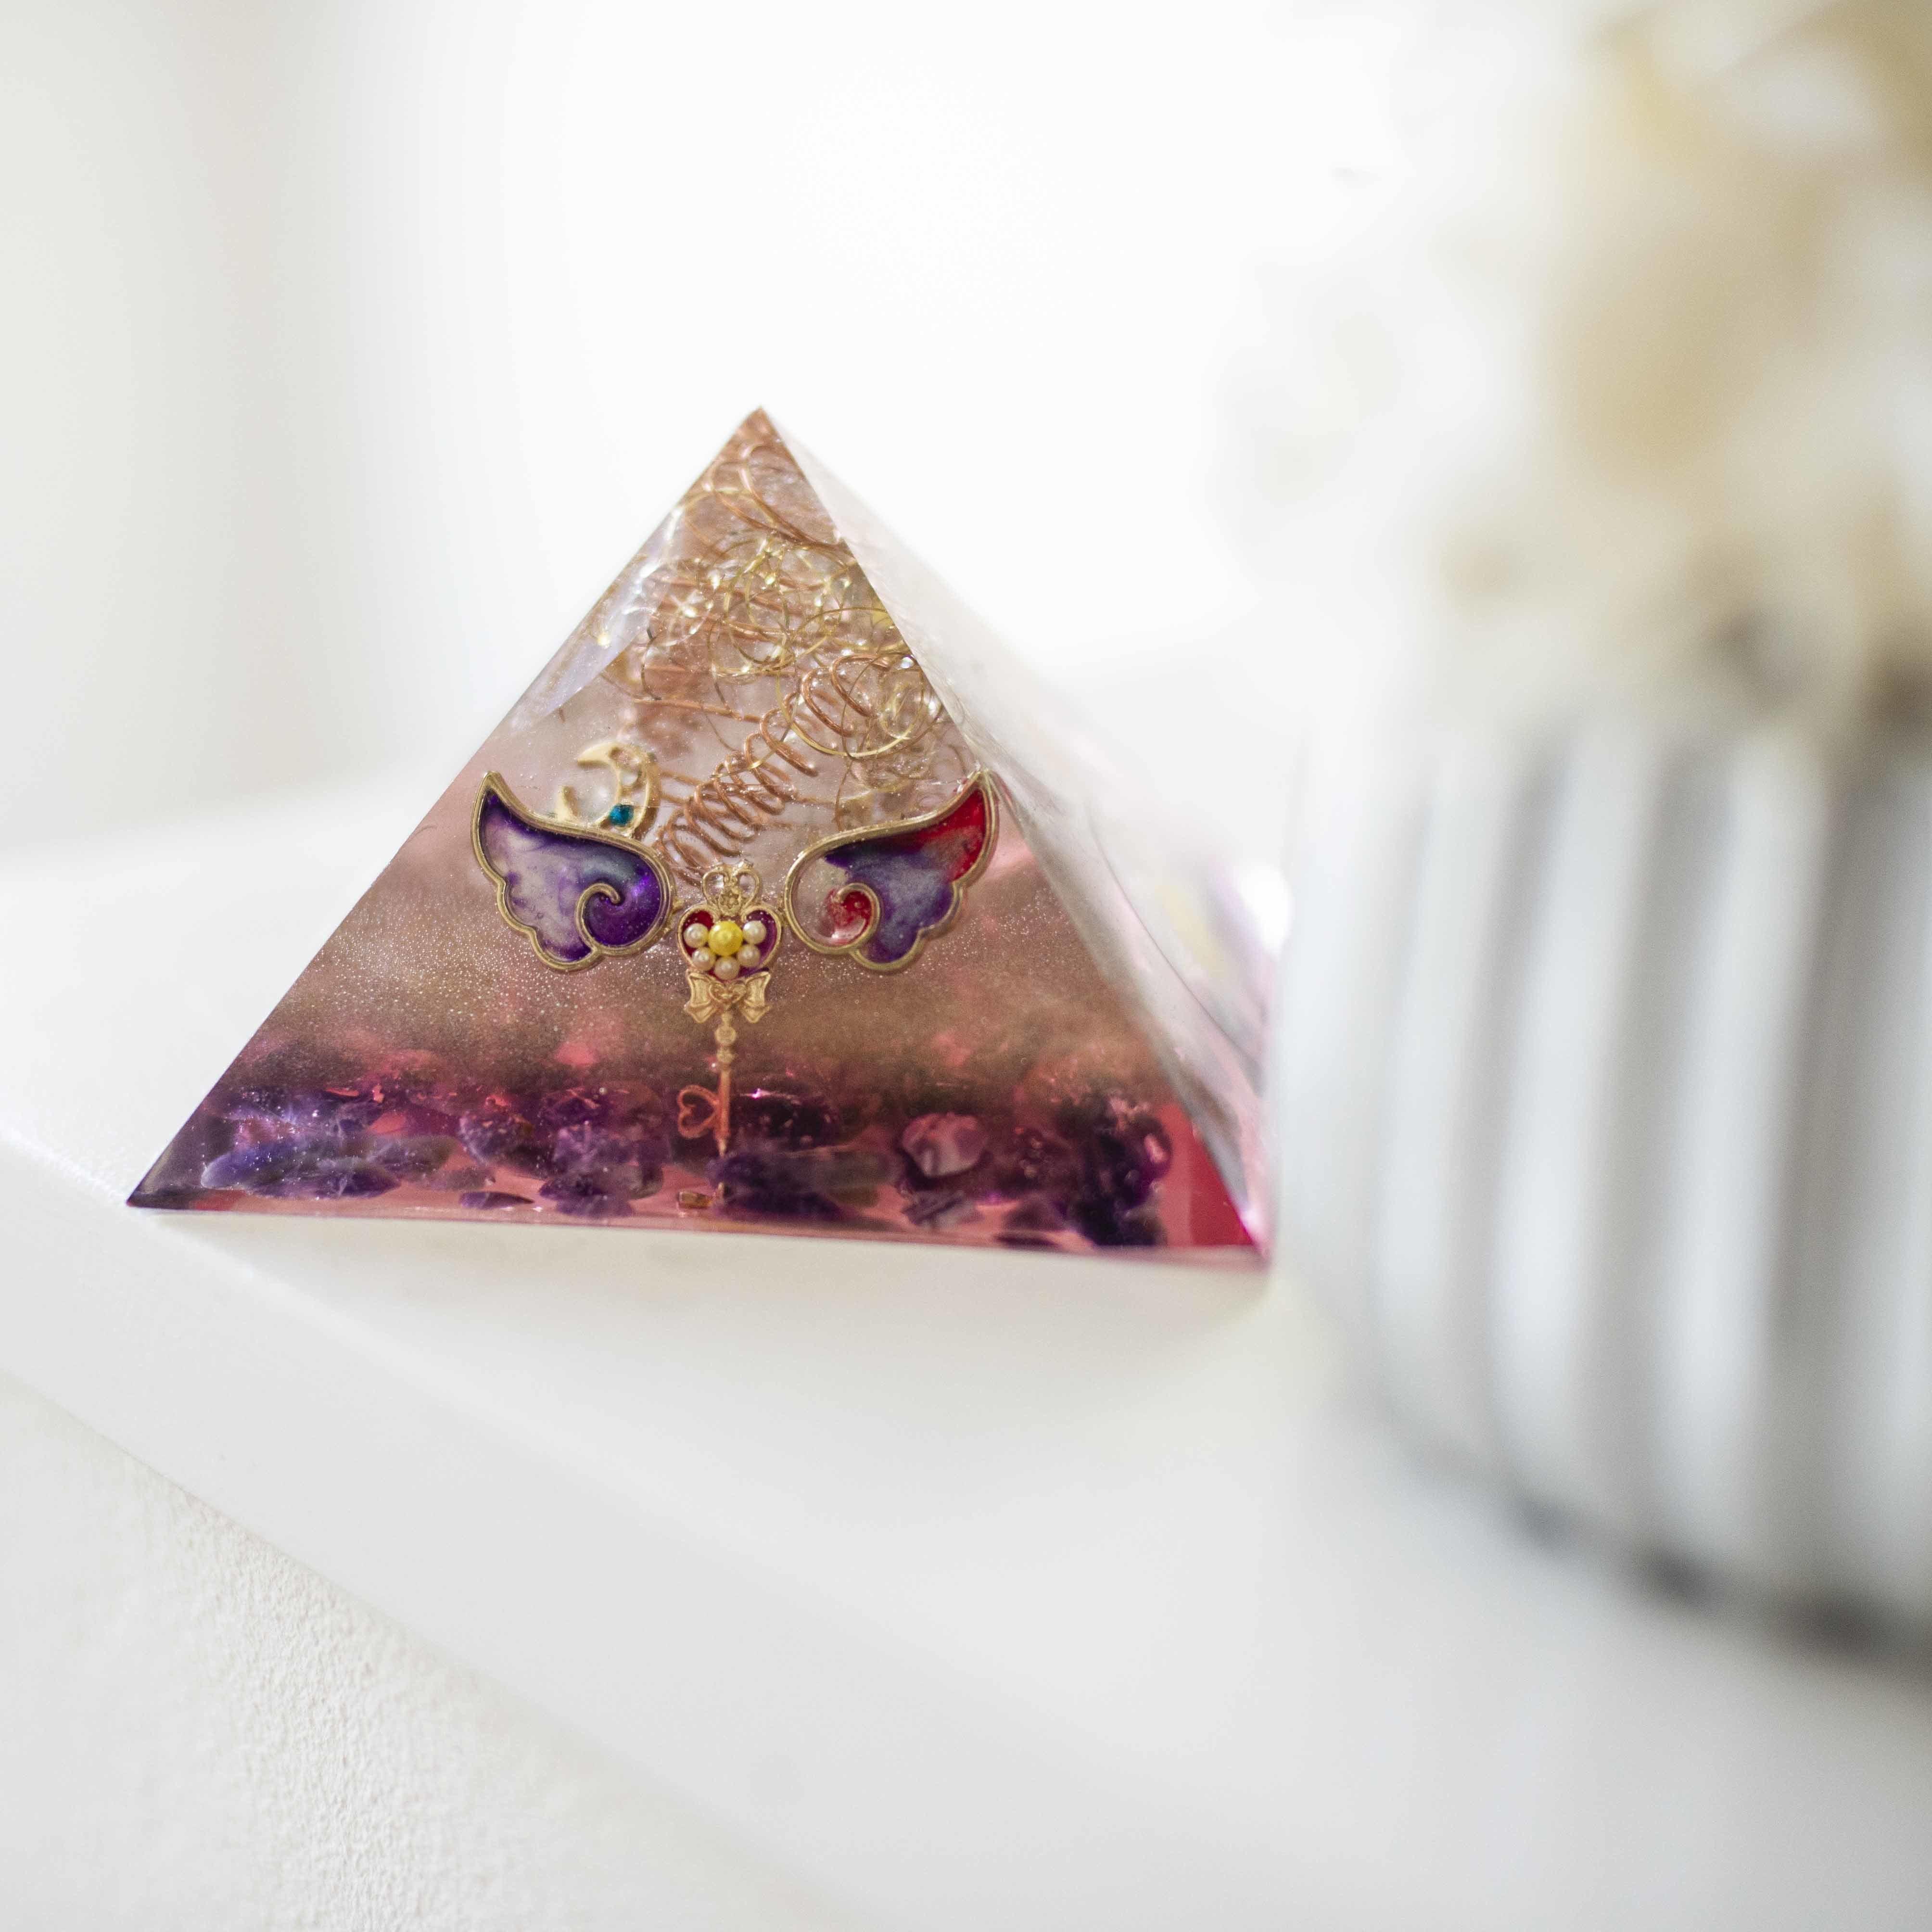 風水オルゴナイトピラミッド型☆おすすめインテリア【リビング】